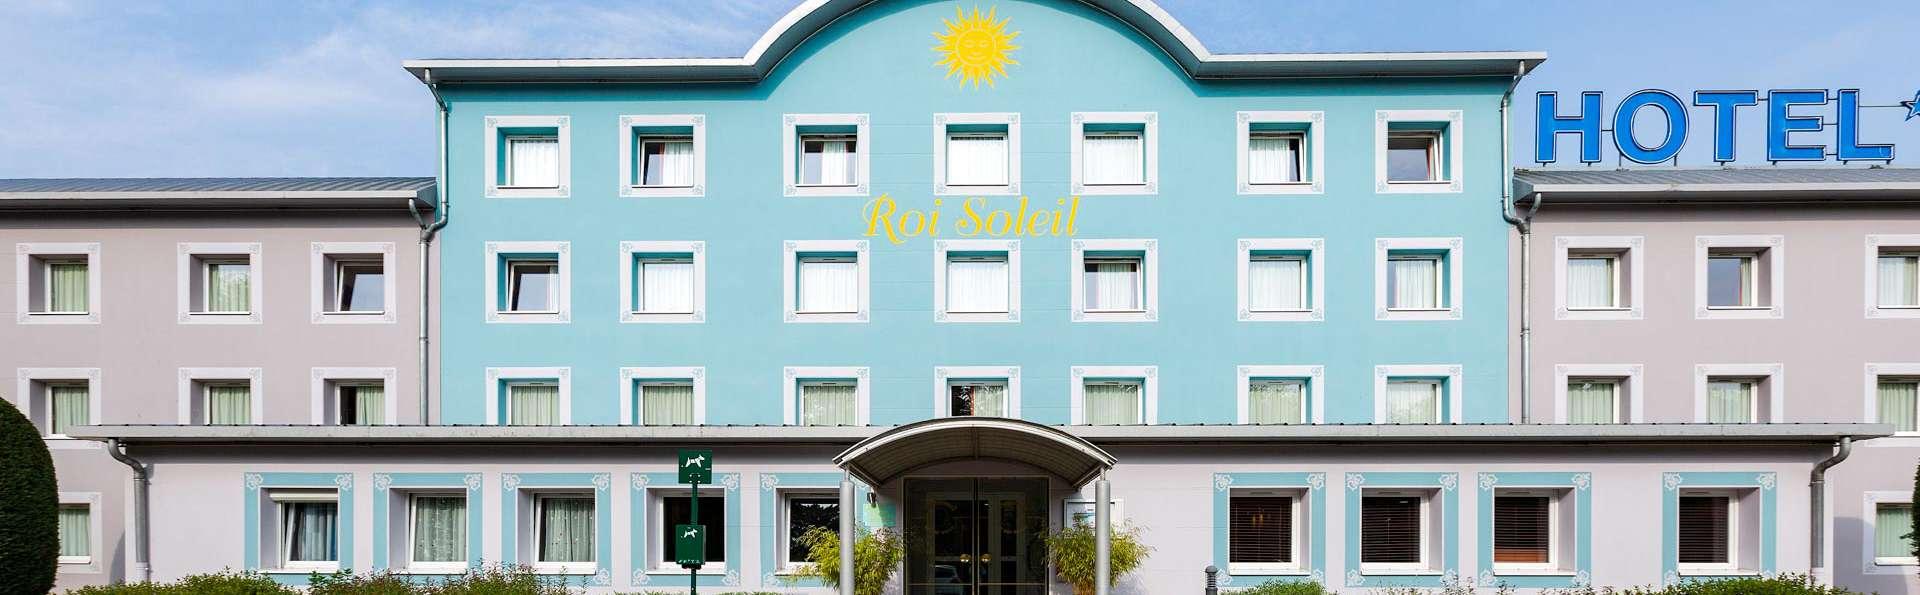 Hôtel Roi Soleil Amneville-Les-Thermes - EDIT_FRONT_04.jpg